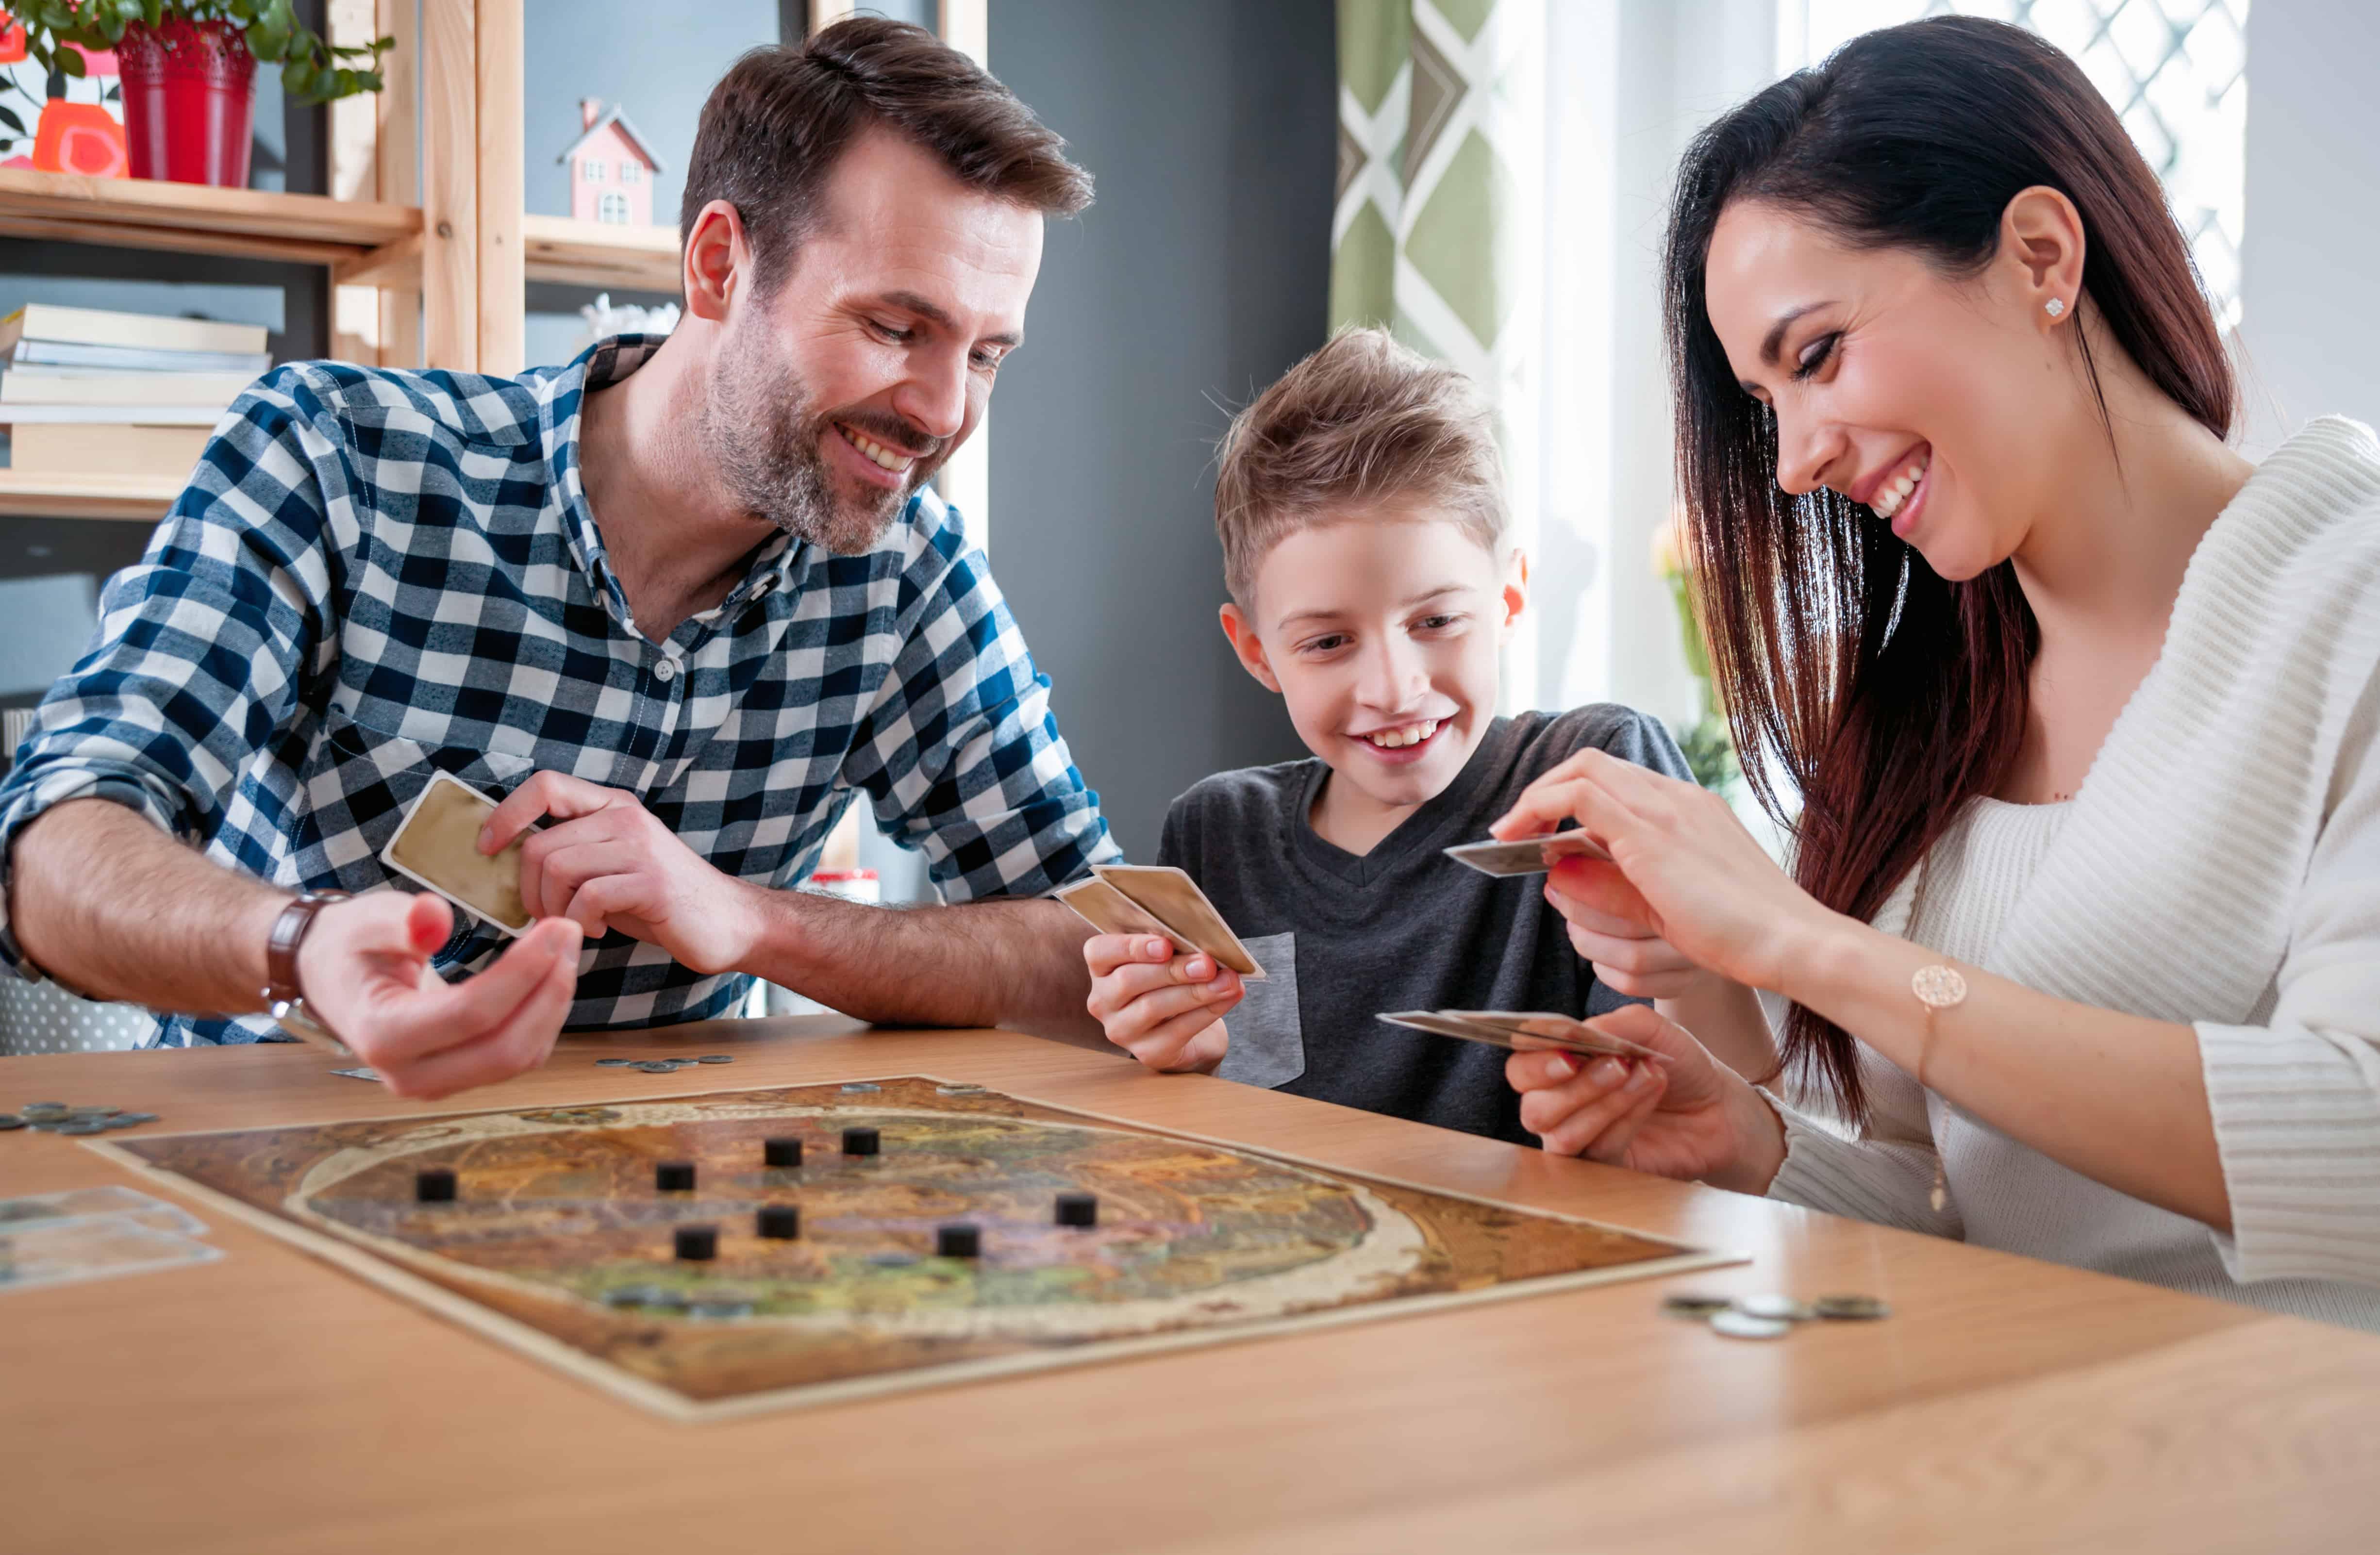 Dalej - Najlepsze gry planszowe dla dzieci